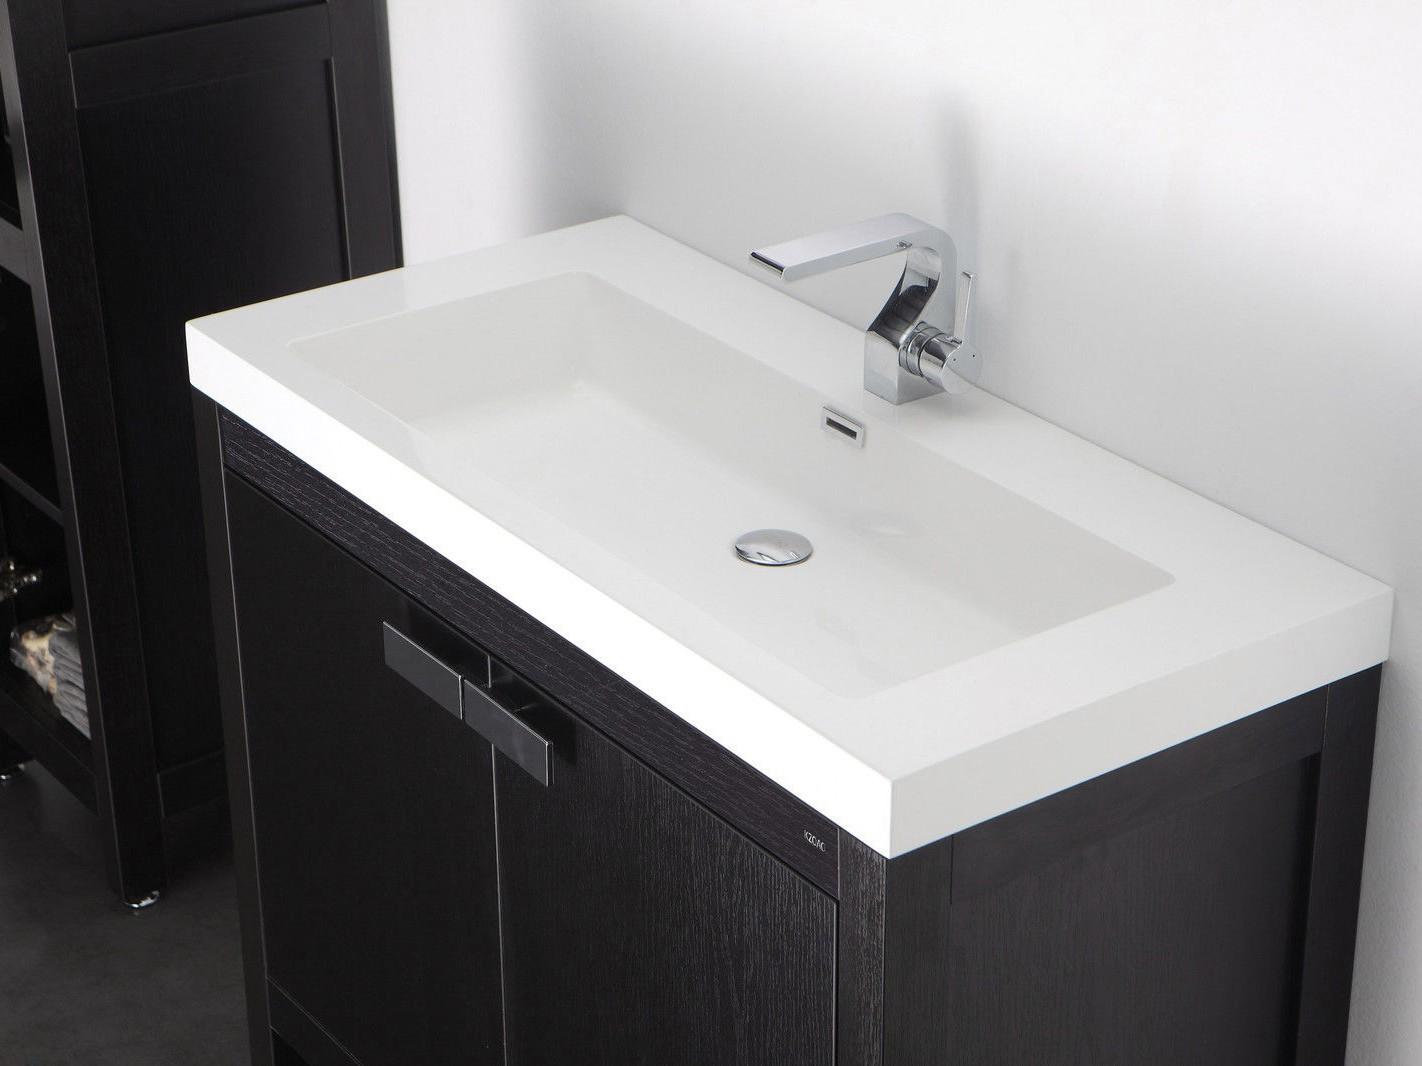 Badezimmer waschtisch set  Barcelona Waschtisch-Set 80 cm Eiche schwarz Badewelt Badezimmer Möbel